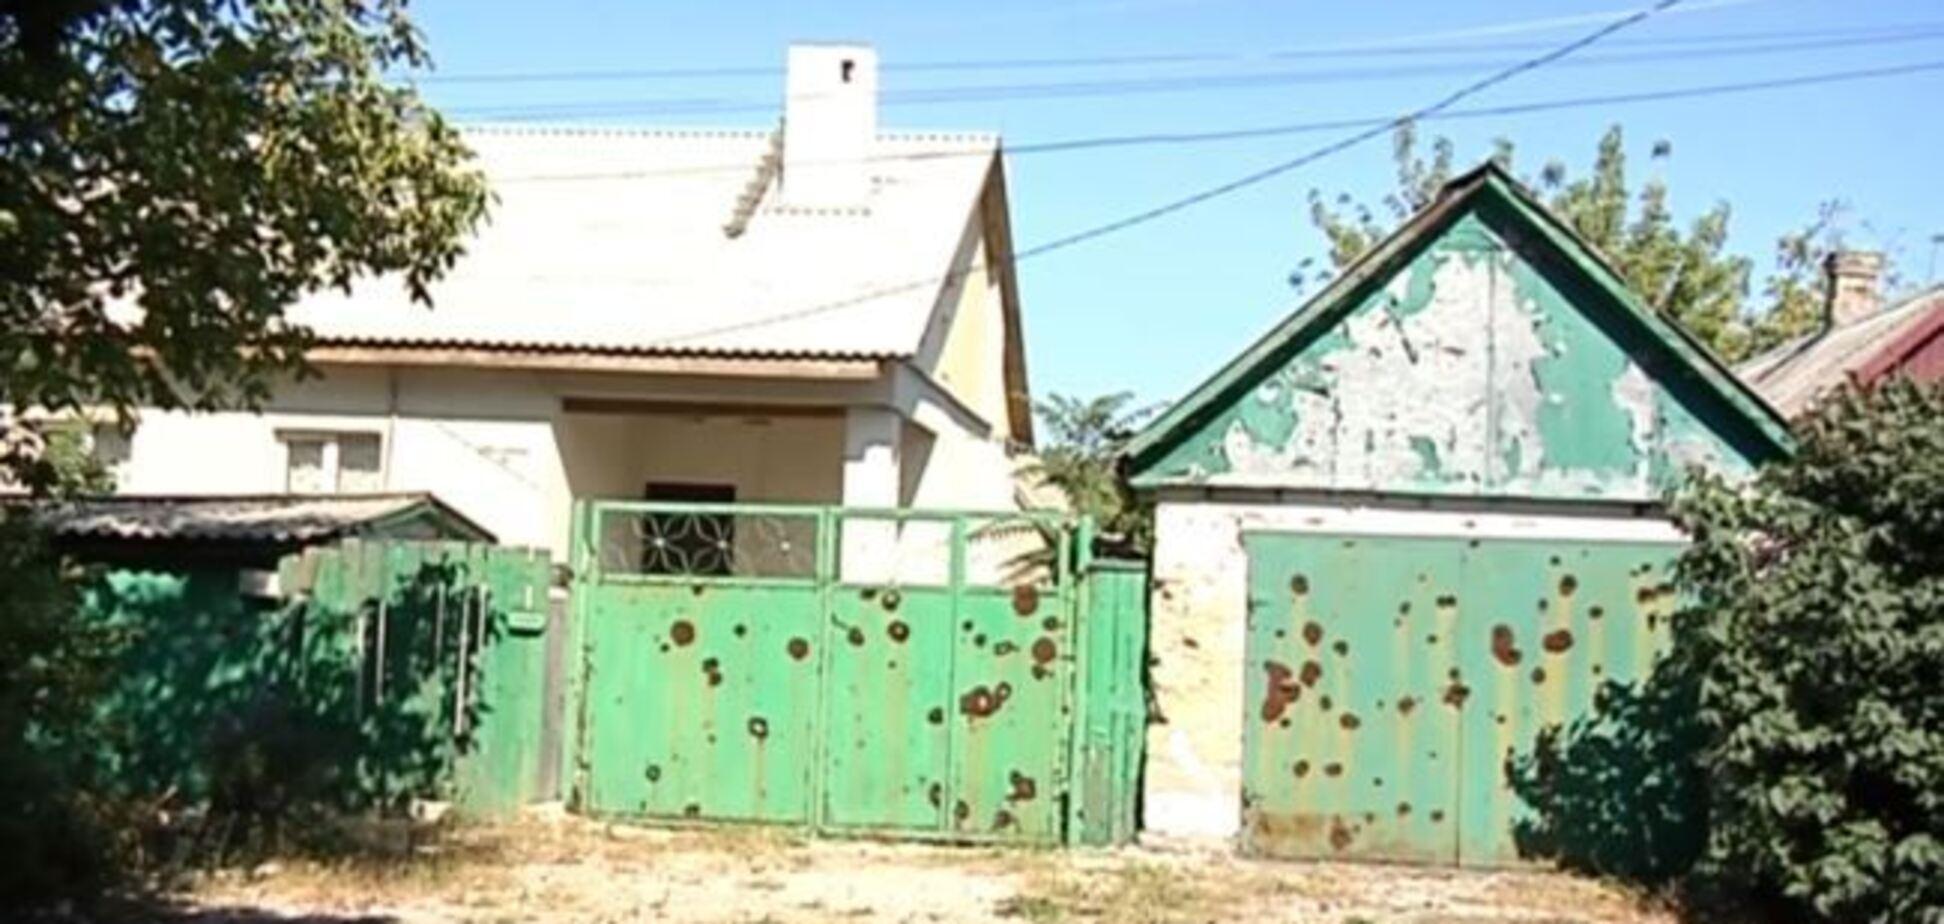 Порожні вулиці й знищені будинки: в мережі показали життя у захопленому місті України